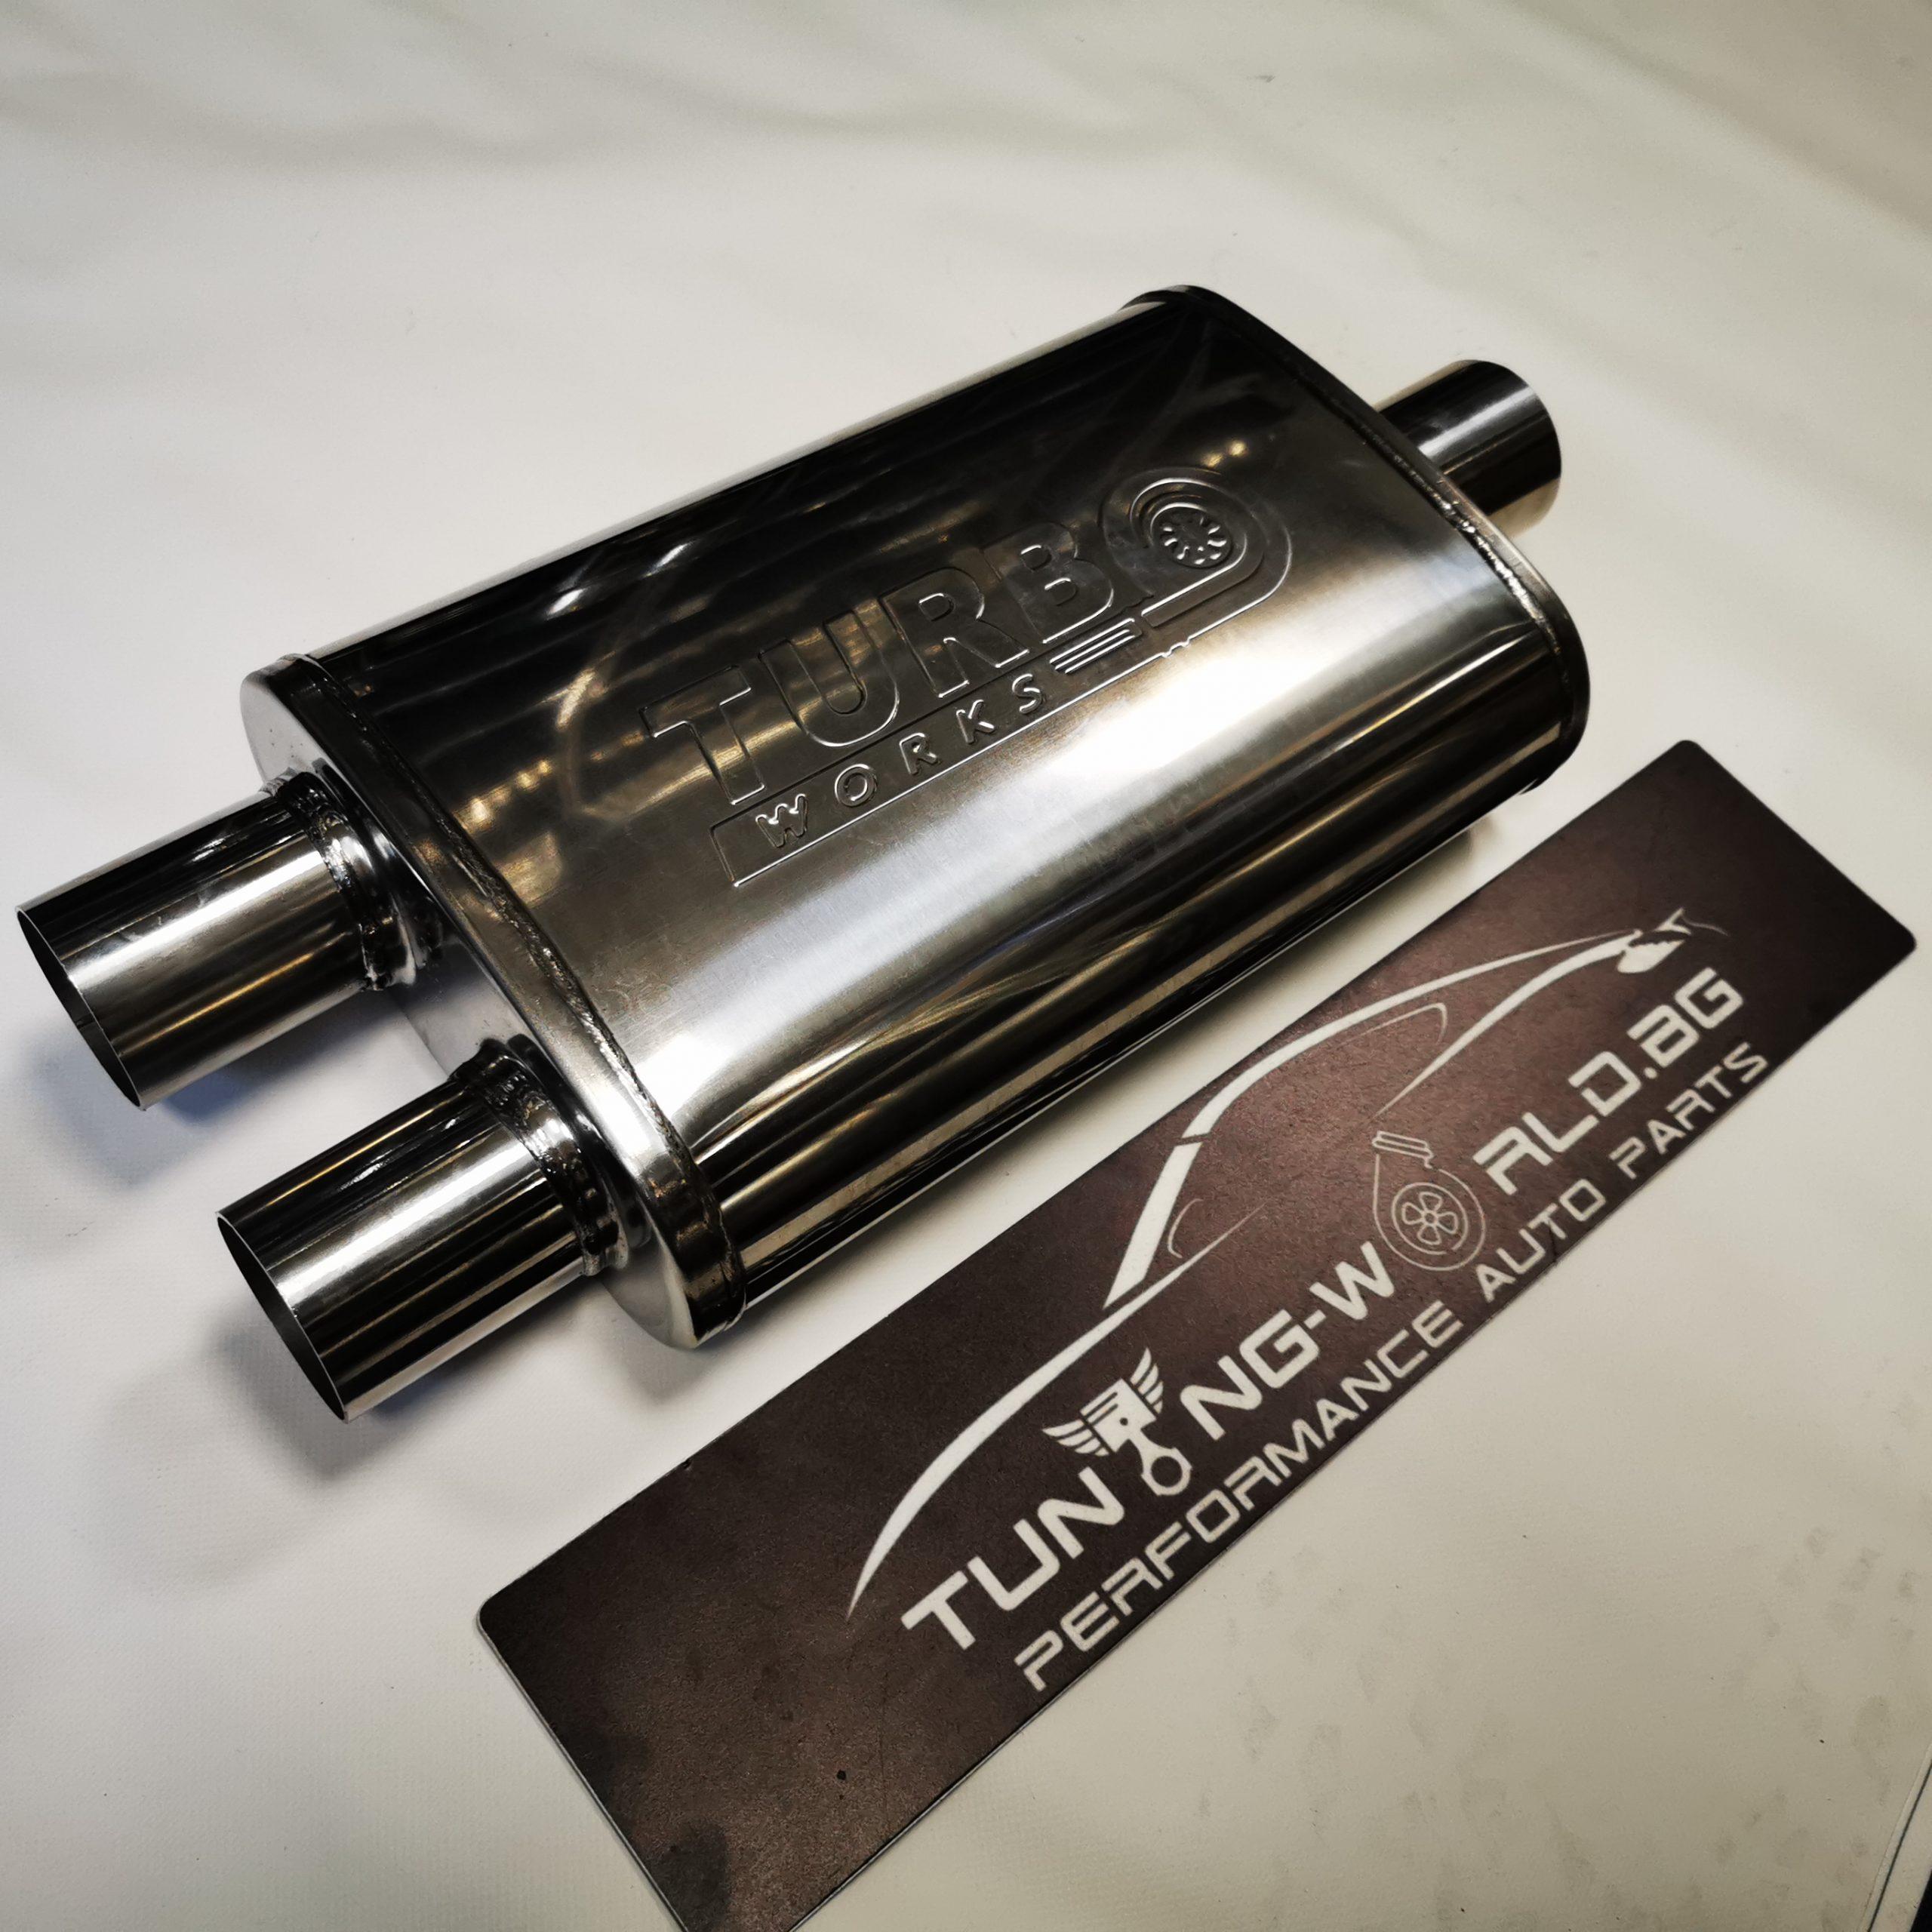 510x230x110 ф63-2x57mm Turboworks Гърне неръждаема стомана